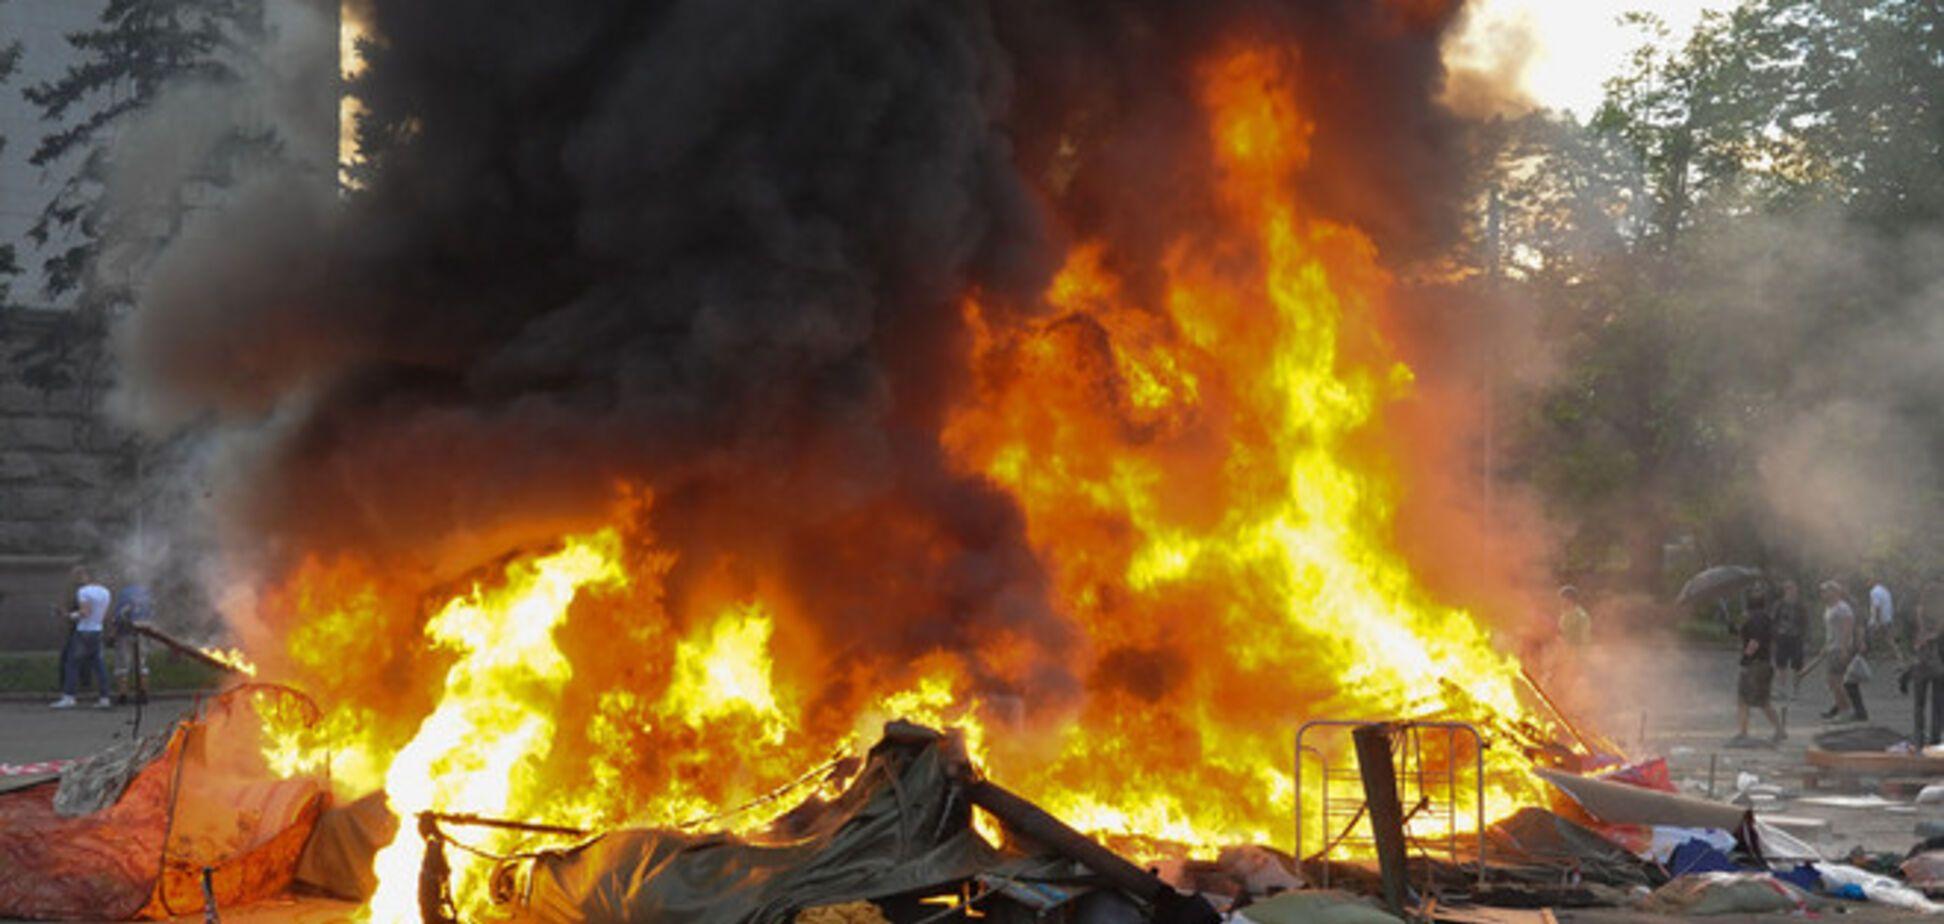 СБУ: бійню в Одесі провокували громадяни Росії. Фотофакт